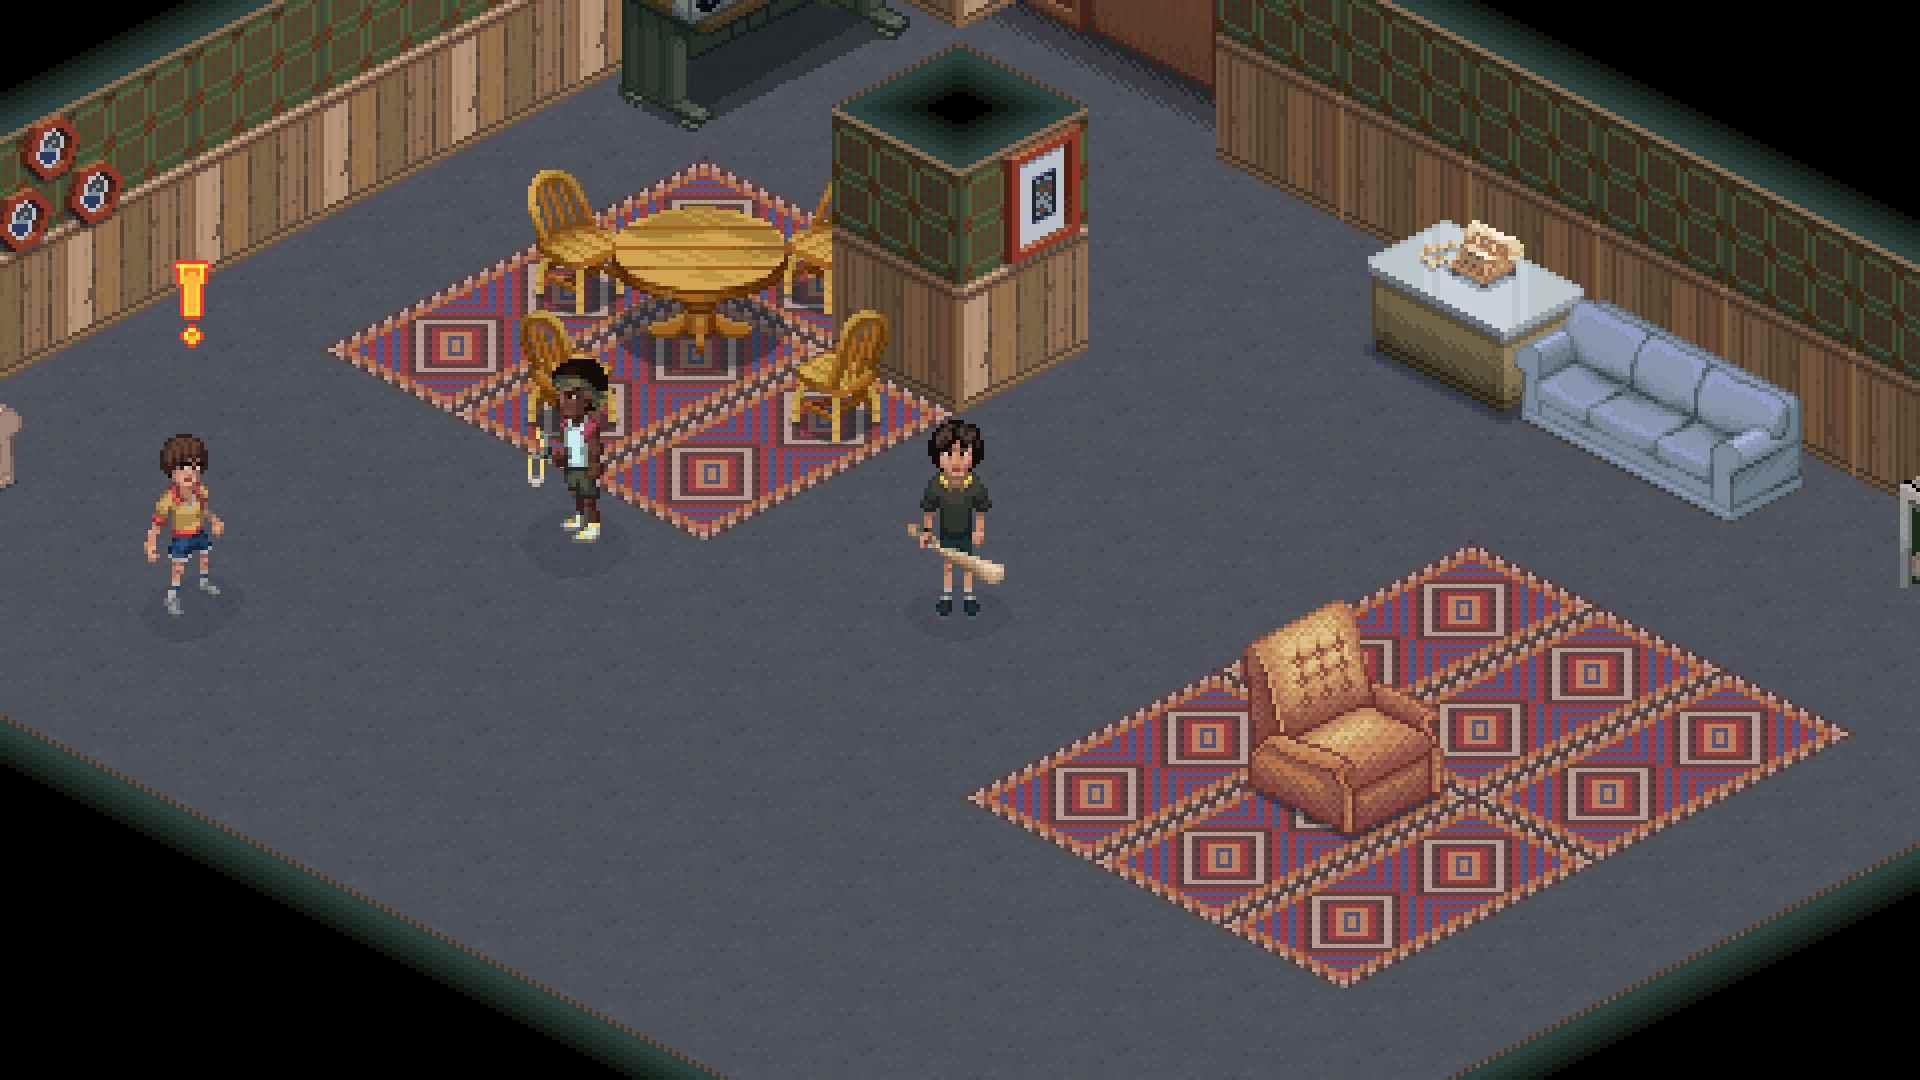 怪奇物语3游戏版图片